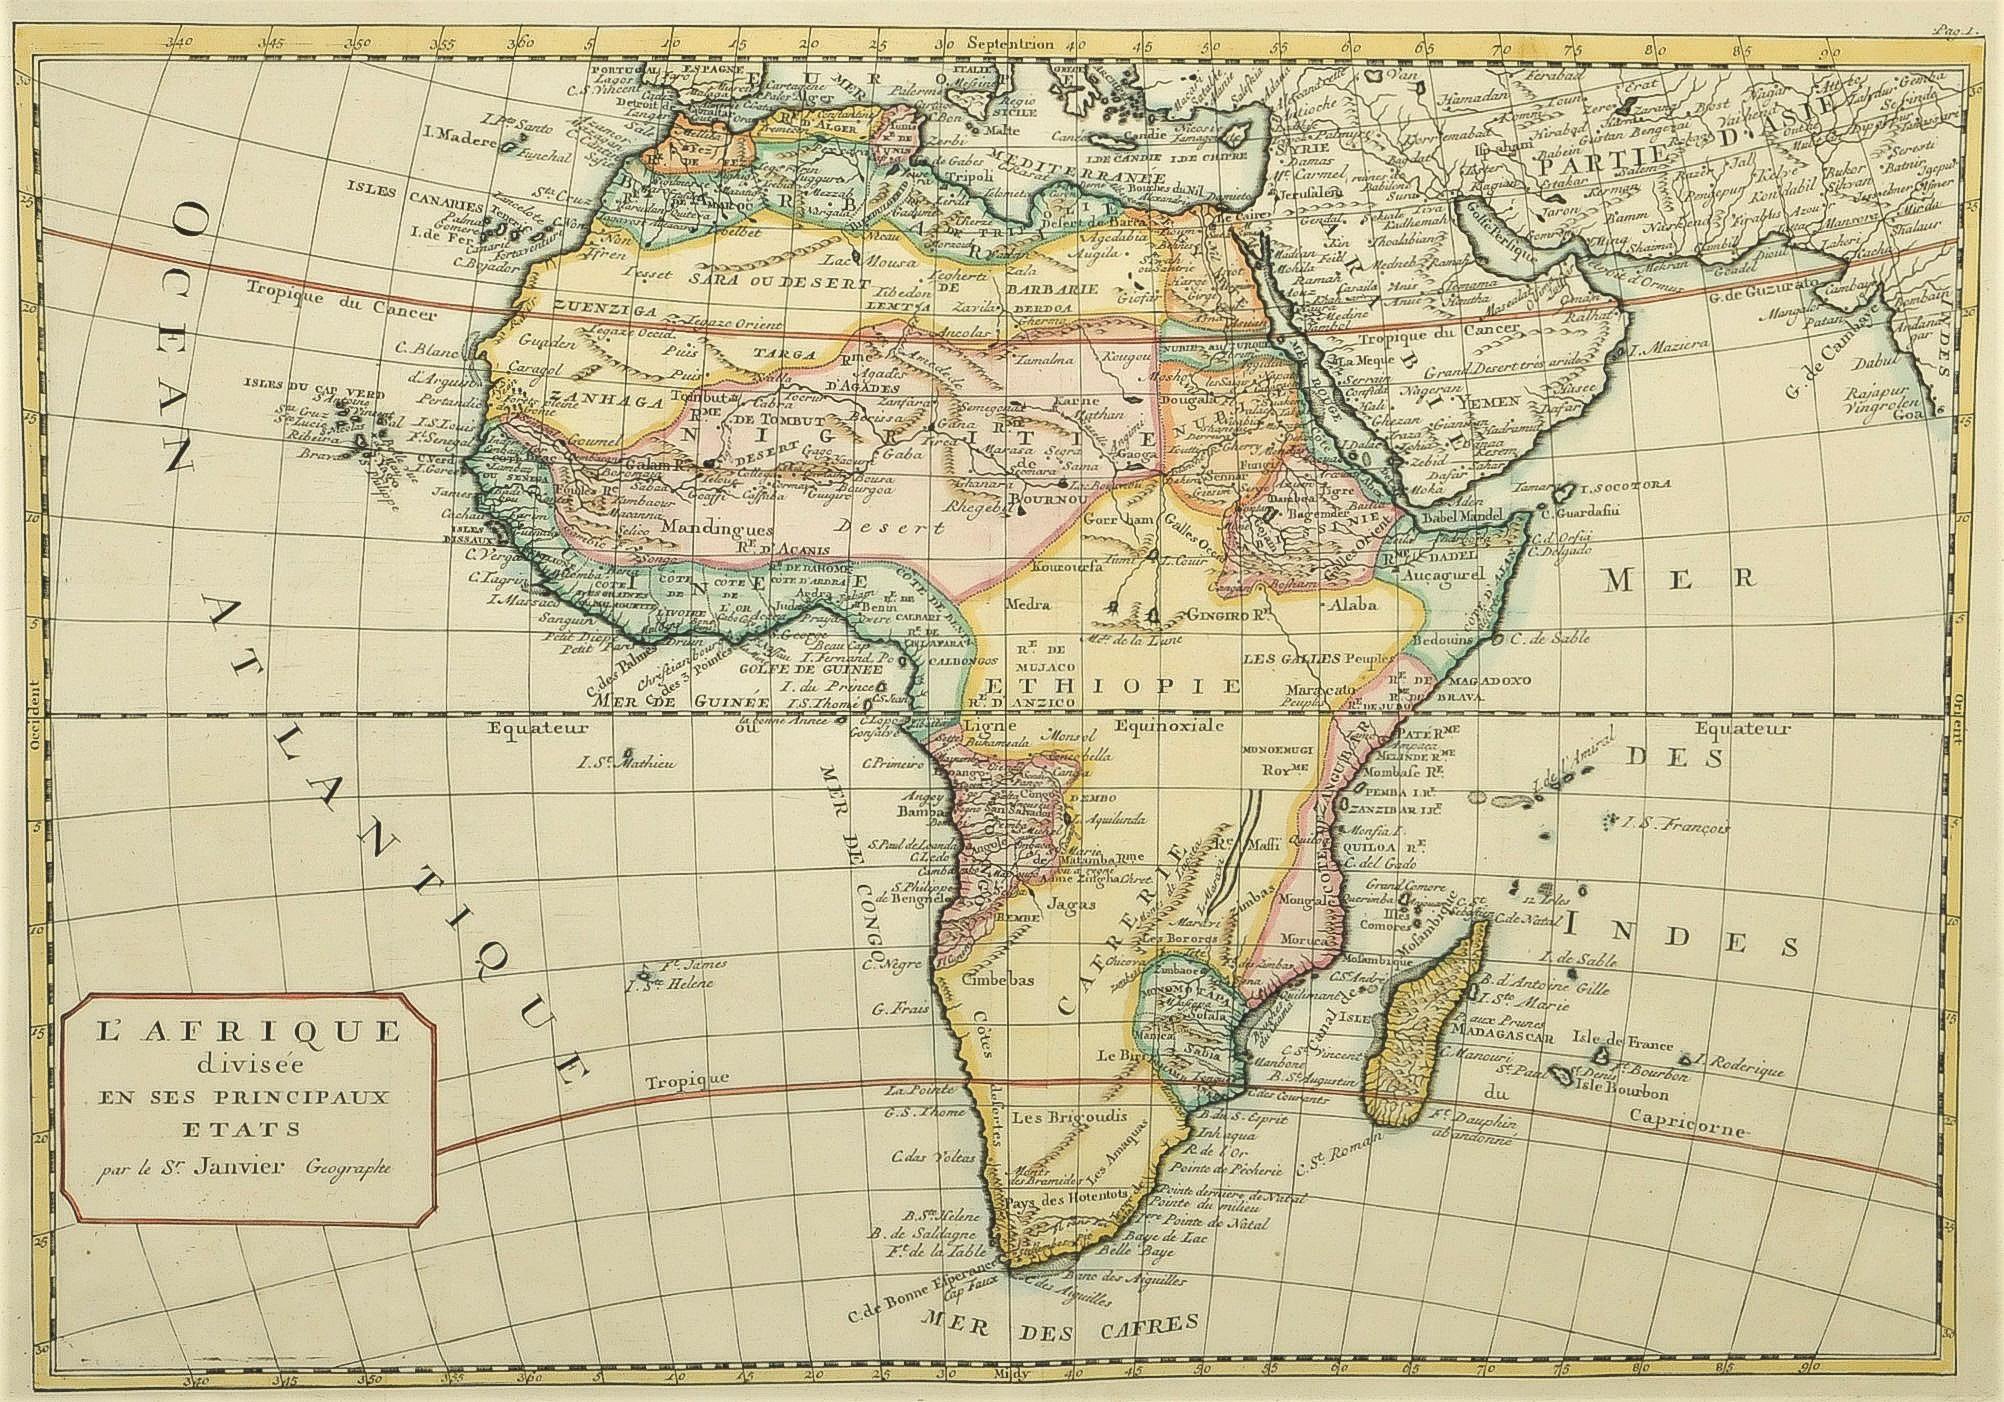 Carte De Lafrique Antique.Carte Ancienne De L Afrique Janvier Sr Cartographe Antique Map